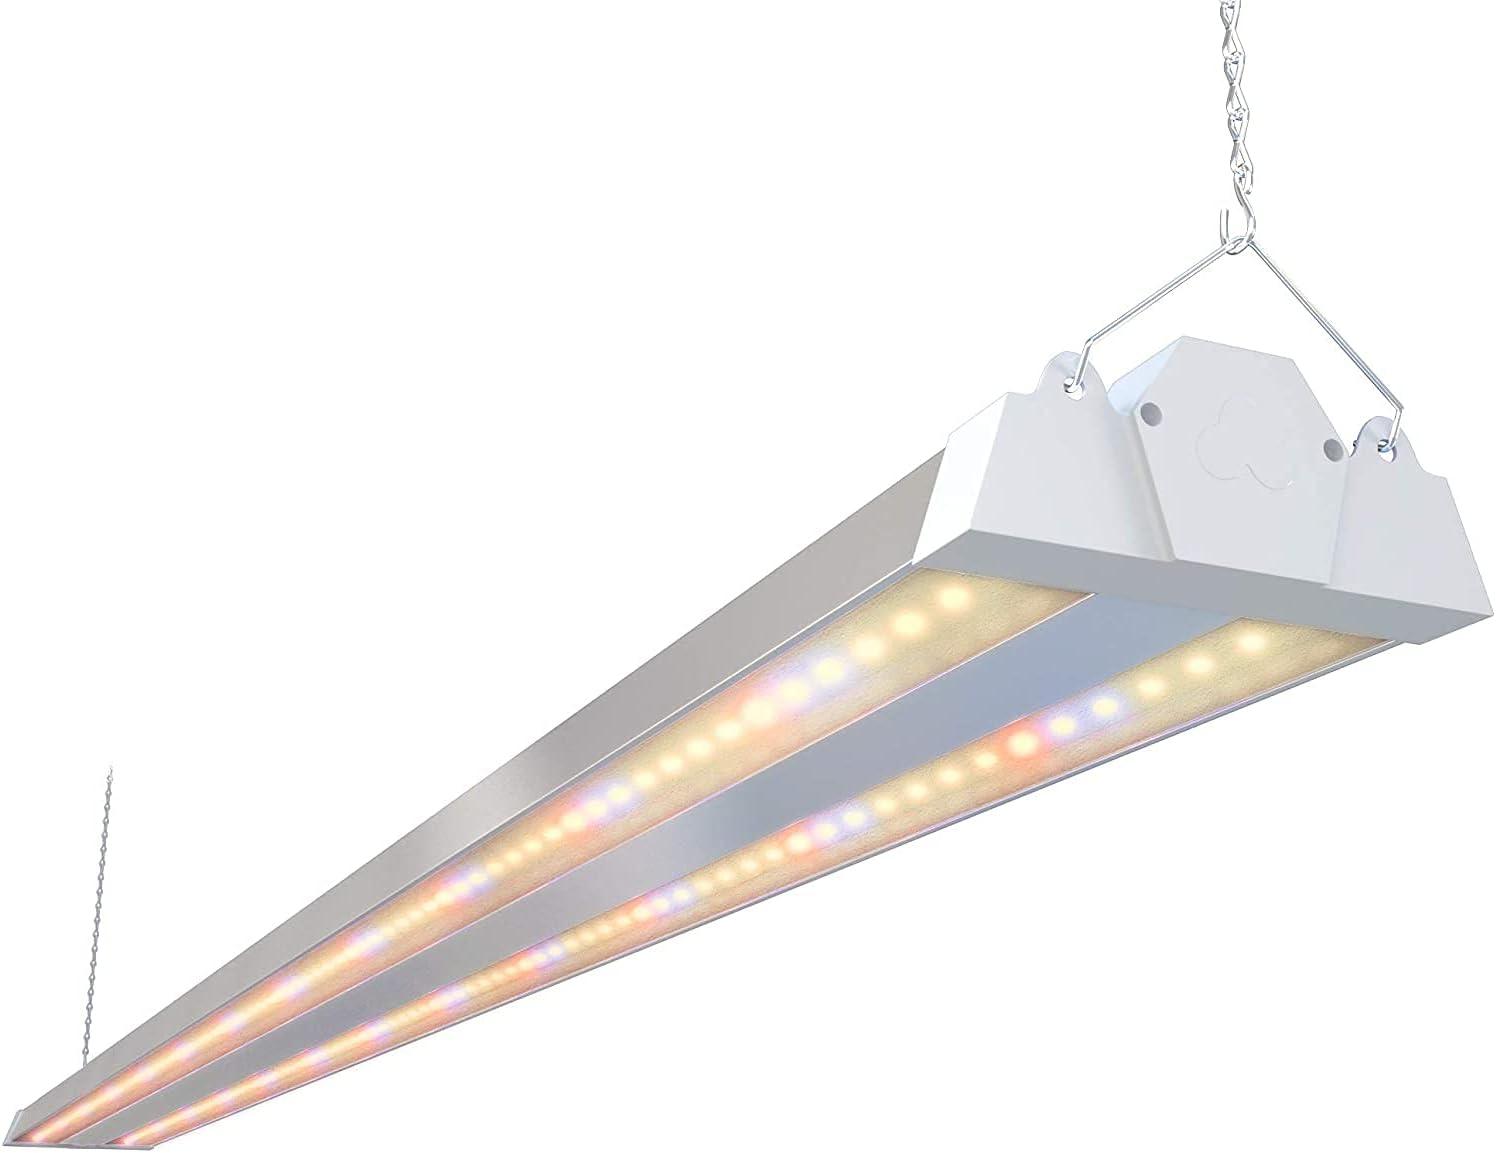 1. FREELICHT Full Spectrum LED Grow Light